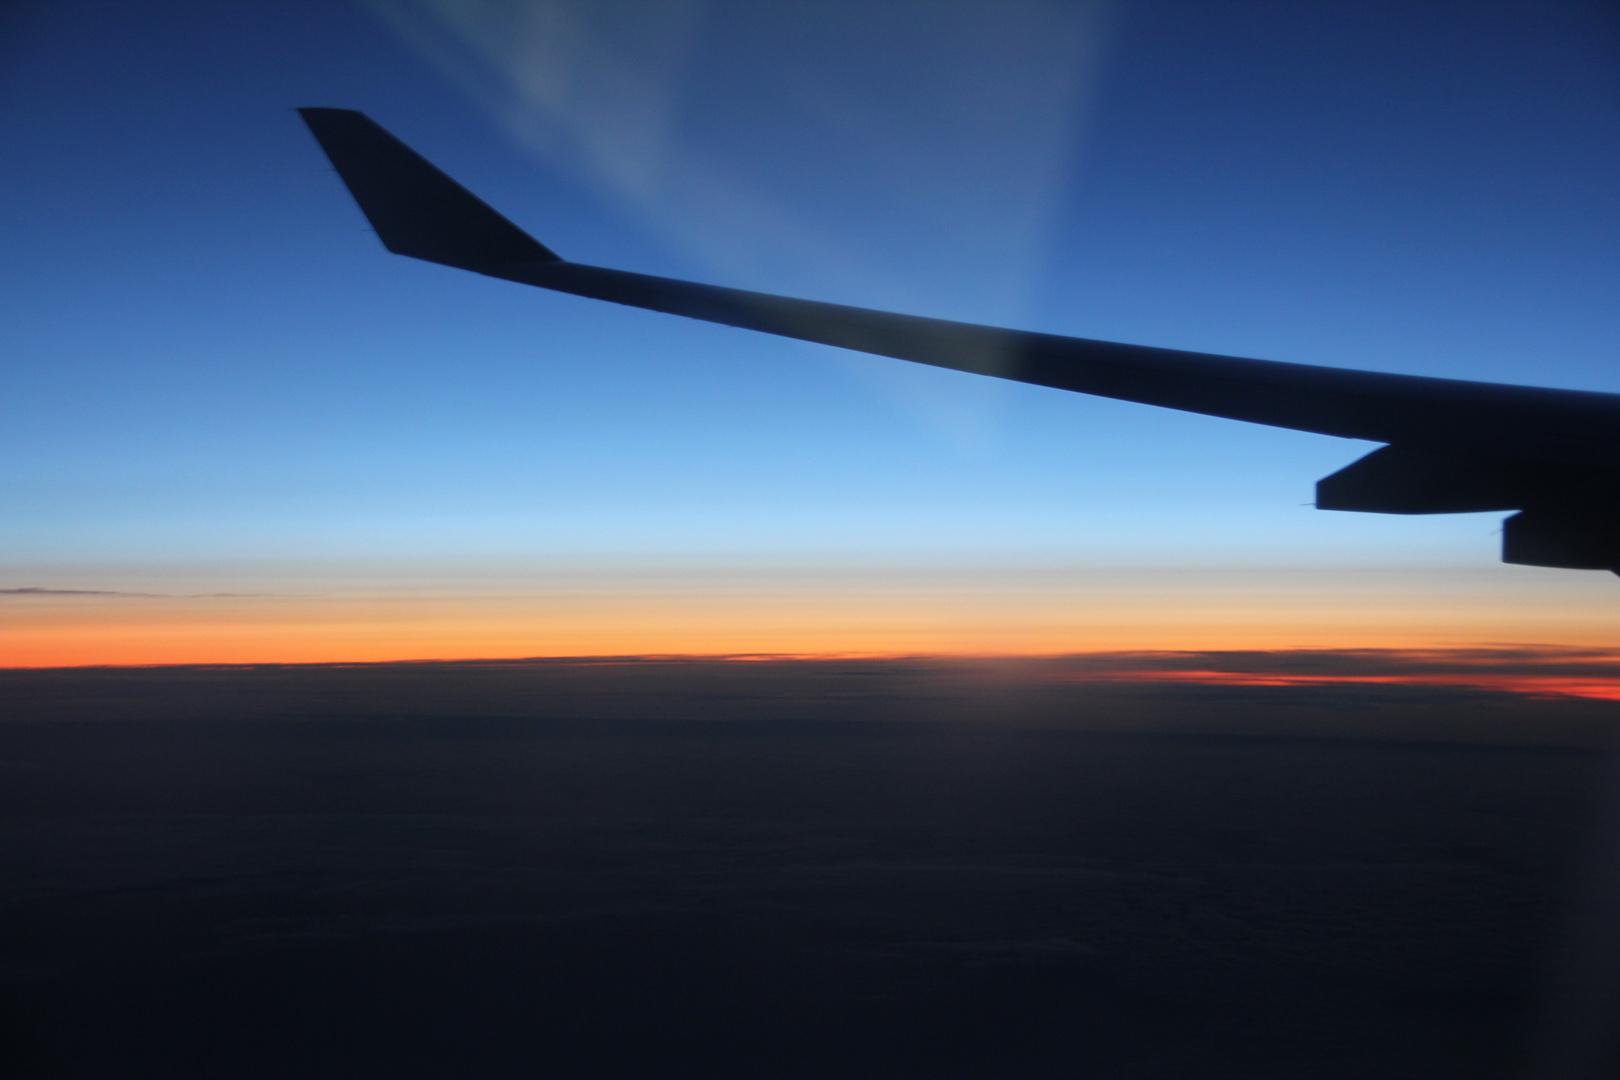 Kurz vor dem Sonnenaufgang über den Wolken